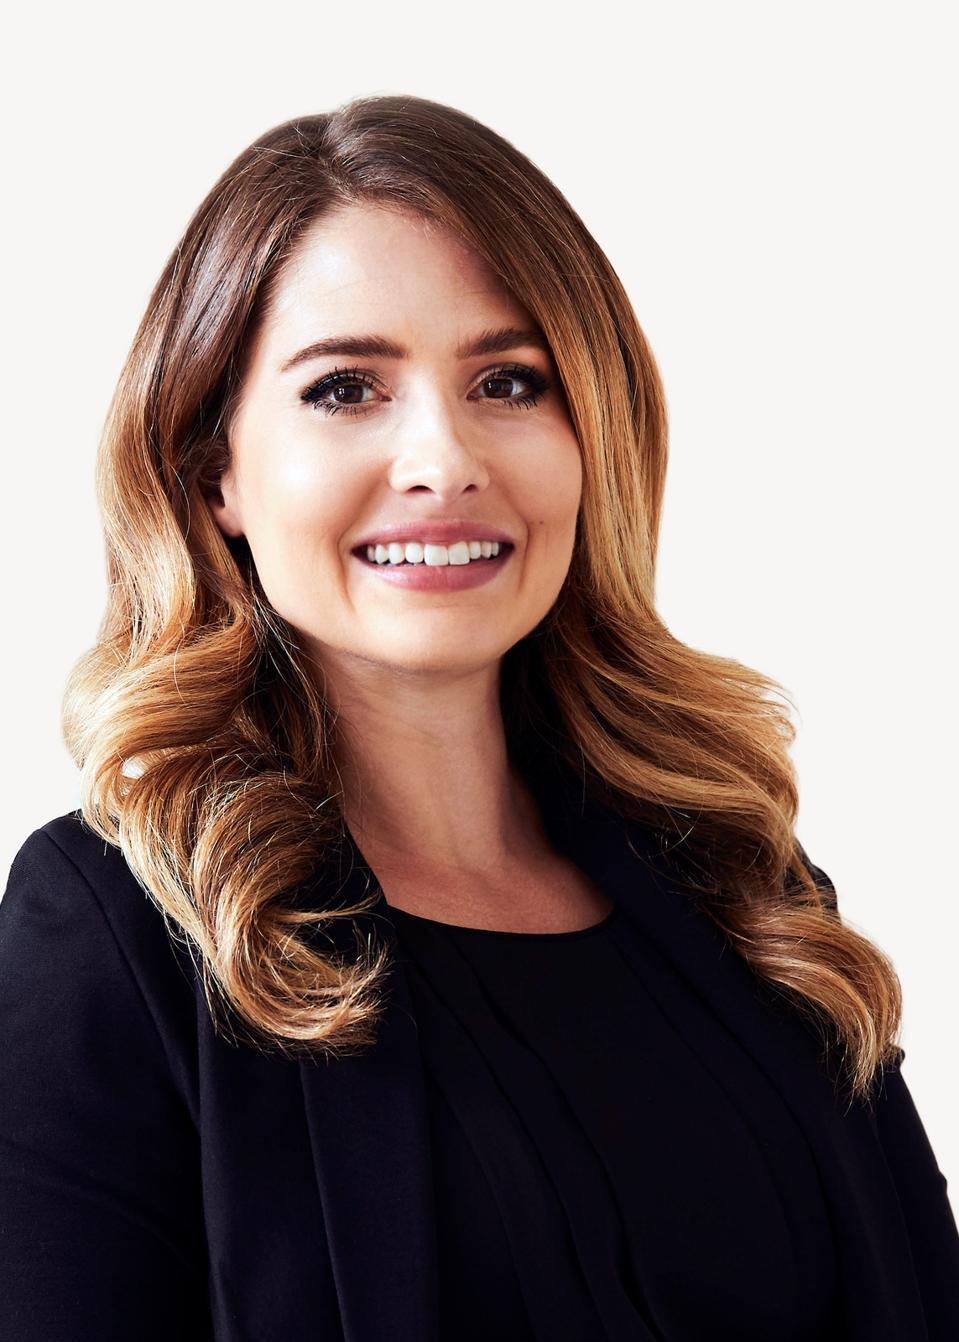 Lauren Joyner is the founder of LOCA Food.